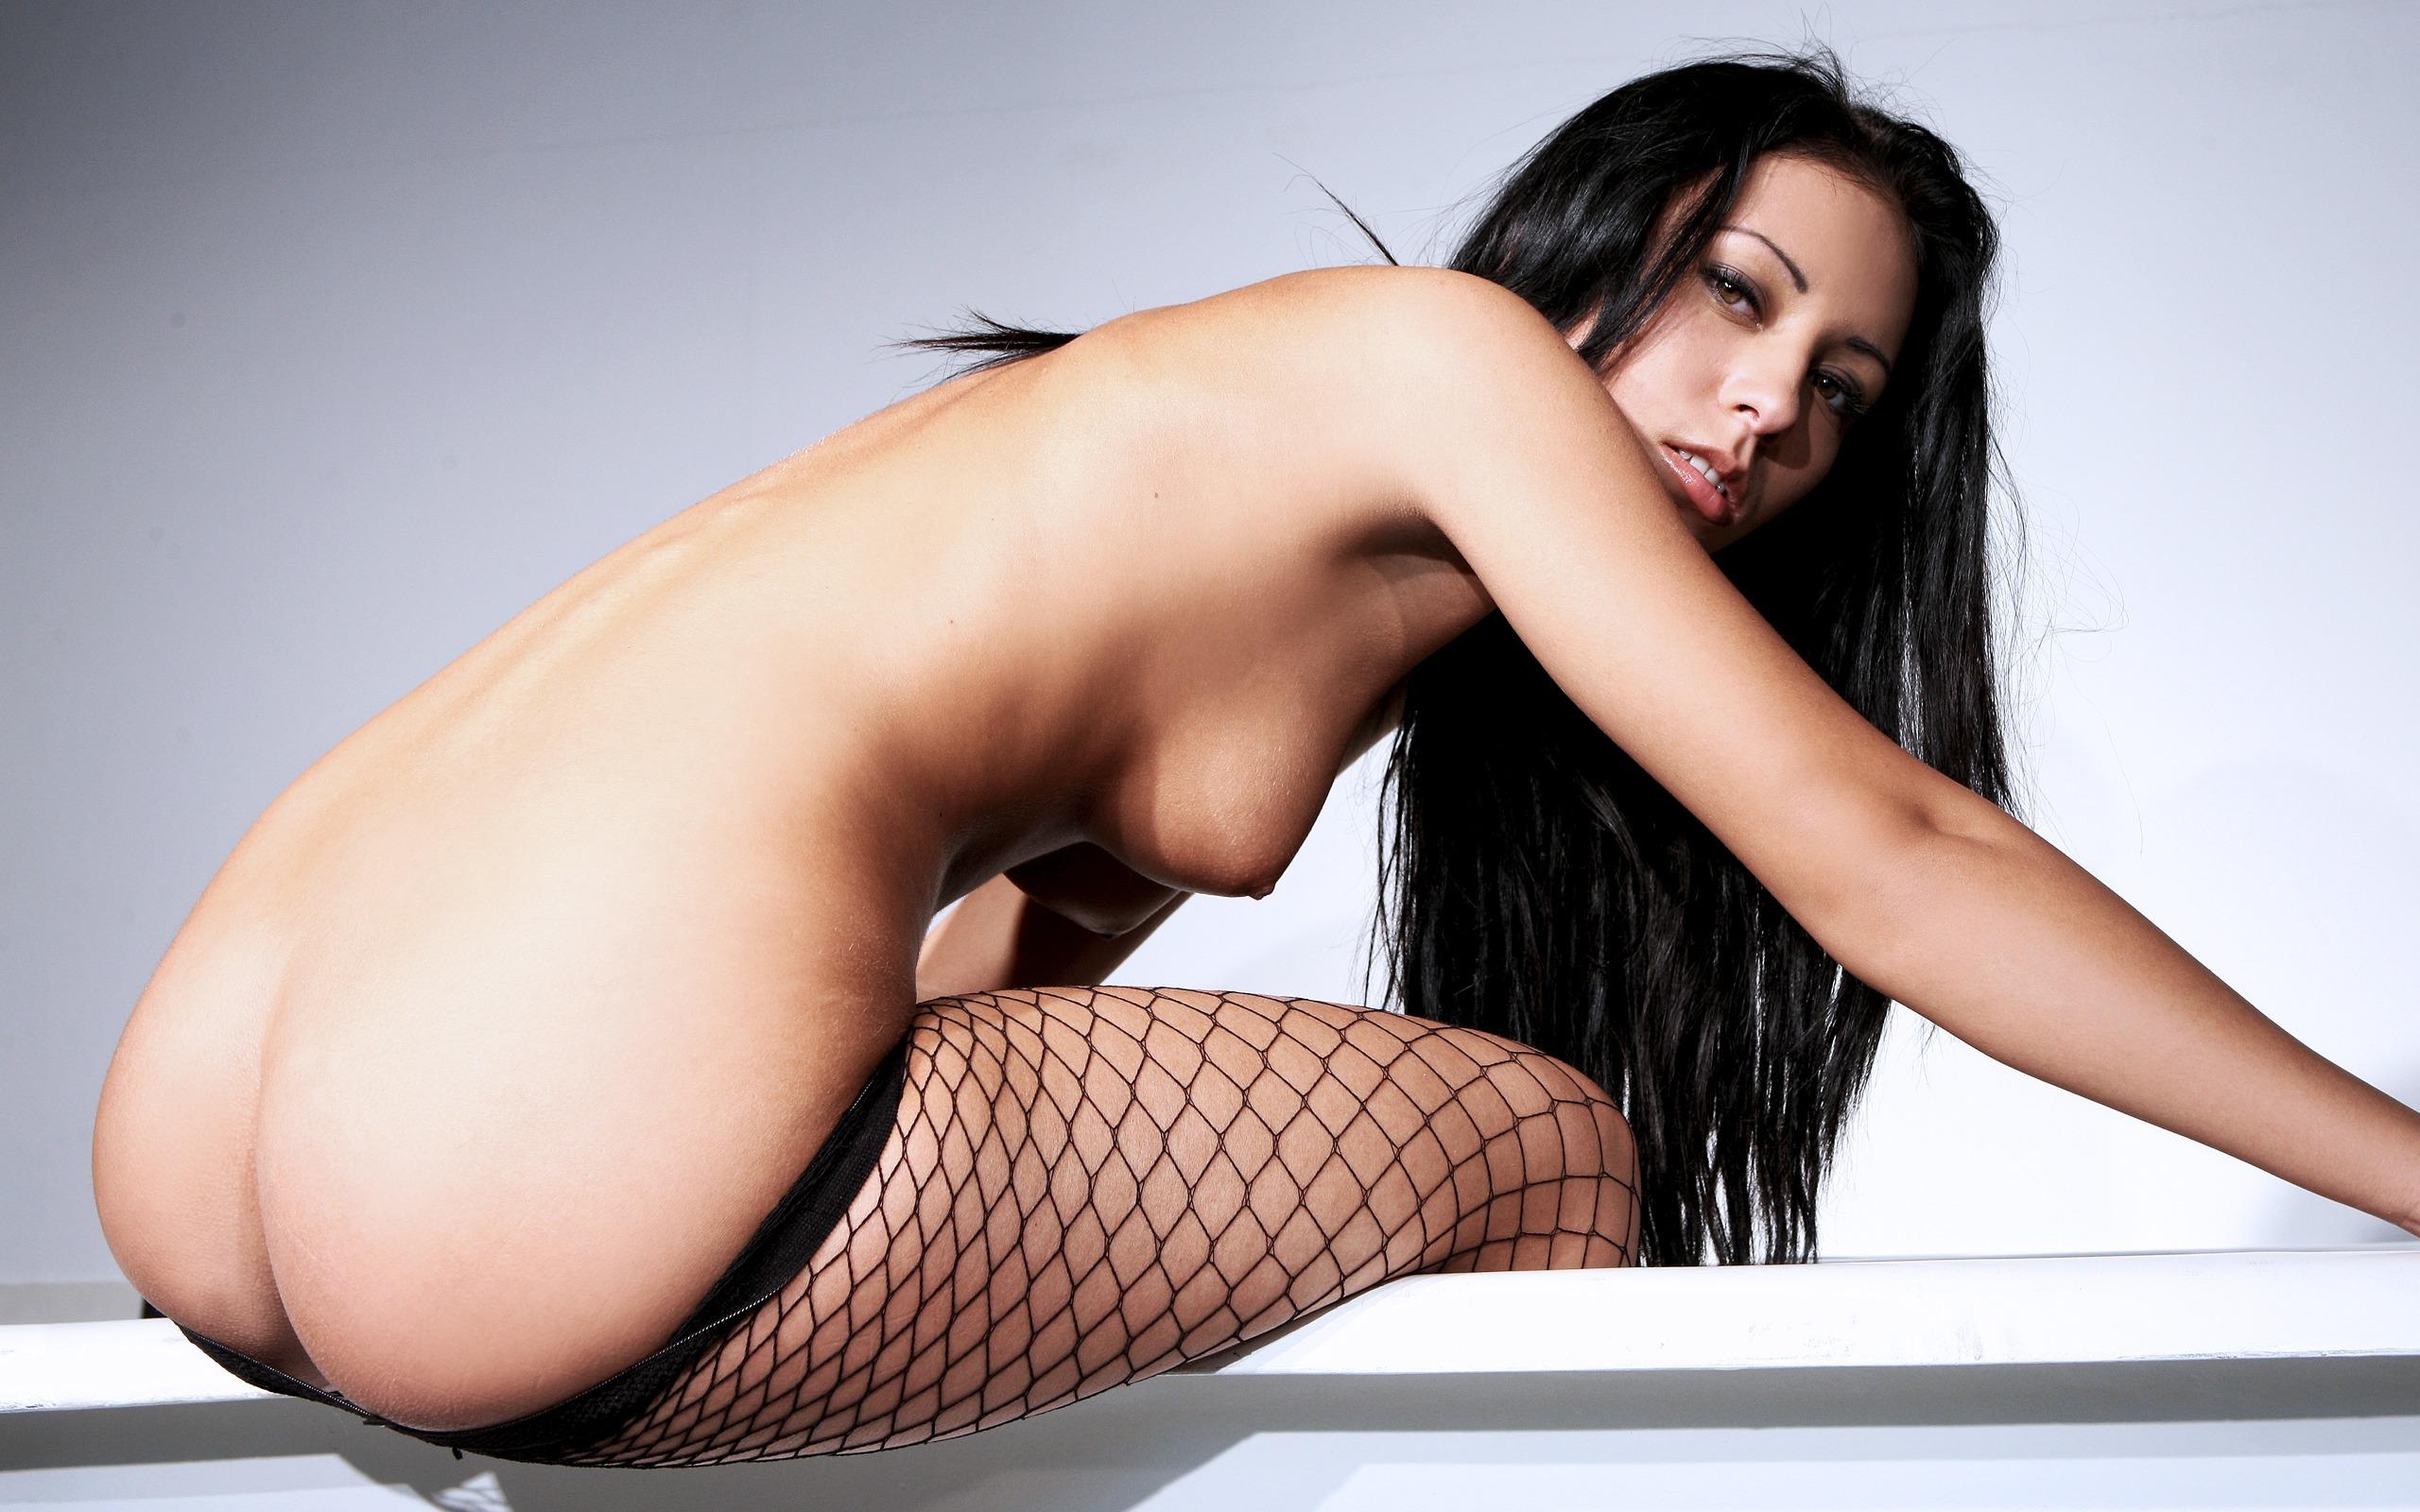 Смотреть онлайн порно в колготках бесплатно в хорошем качестве hd 720 21 фотография